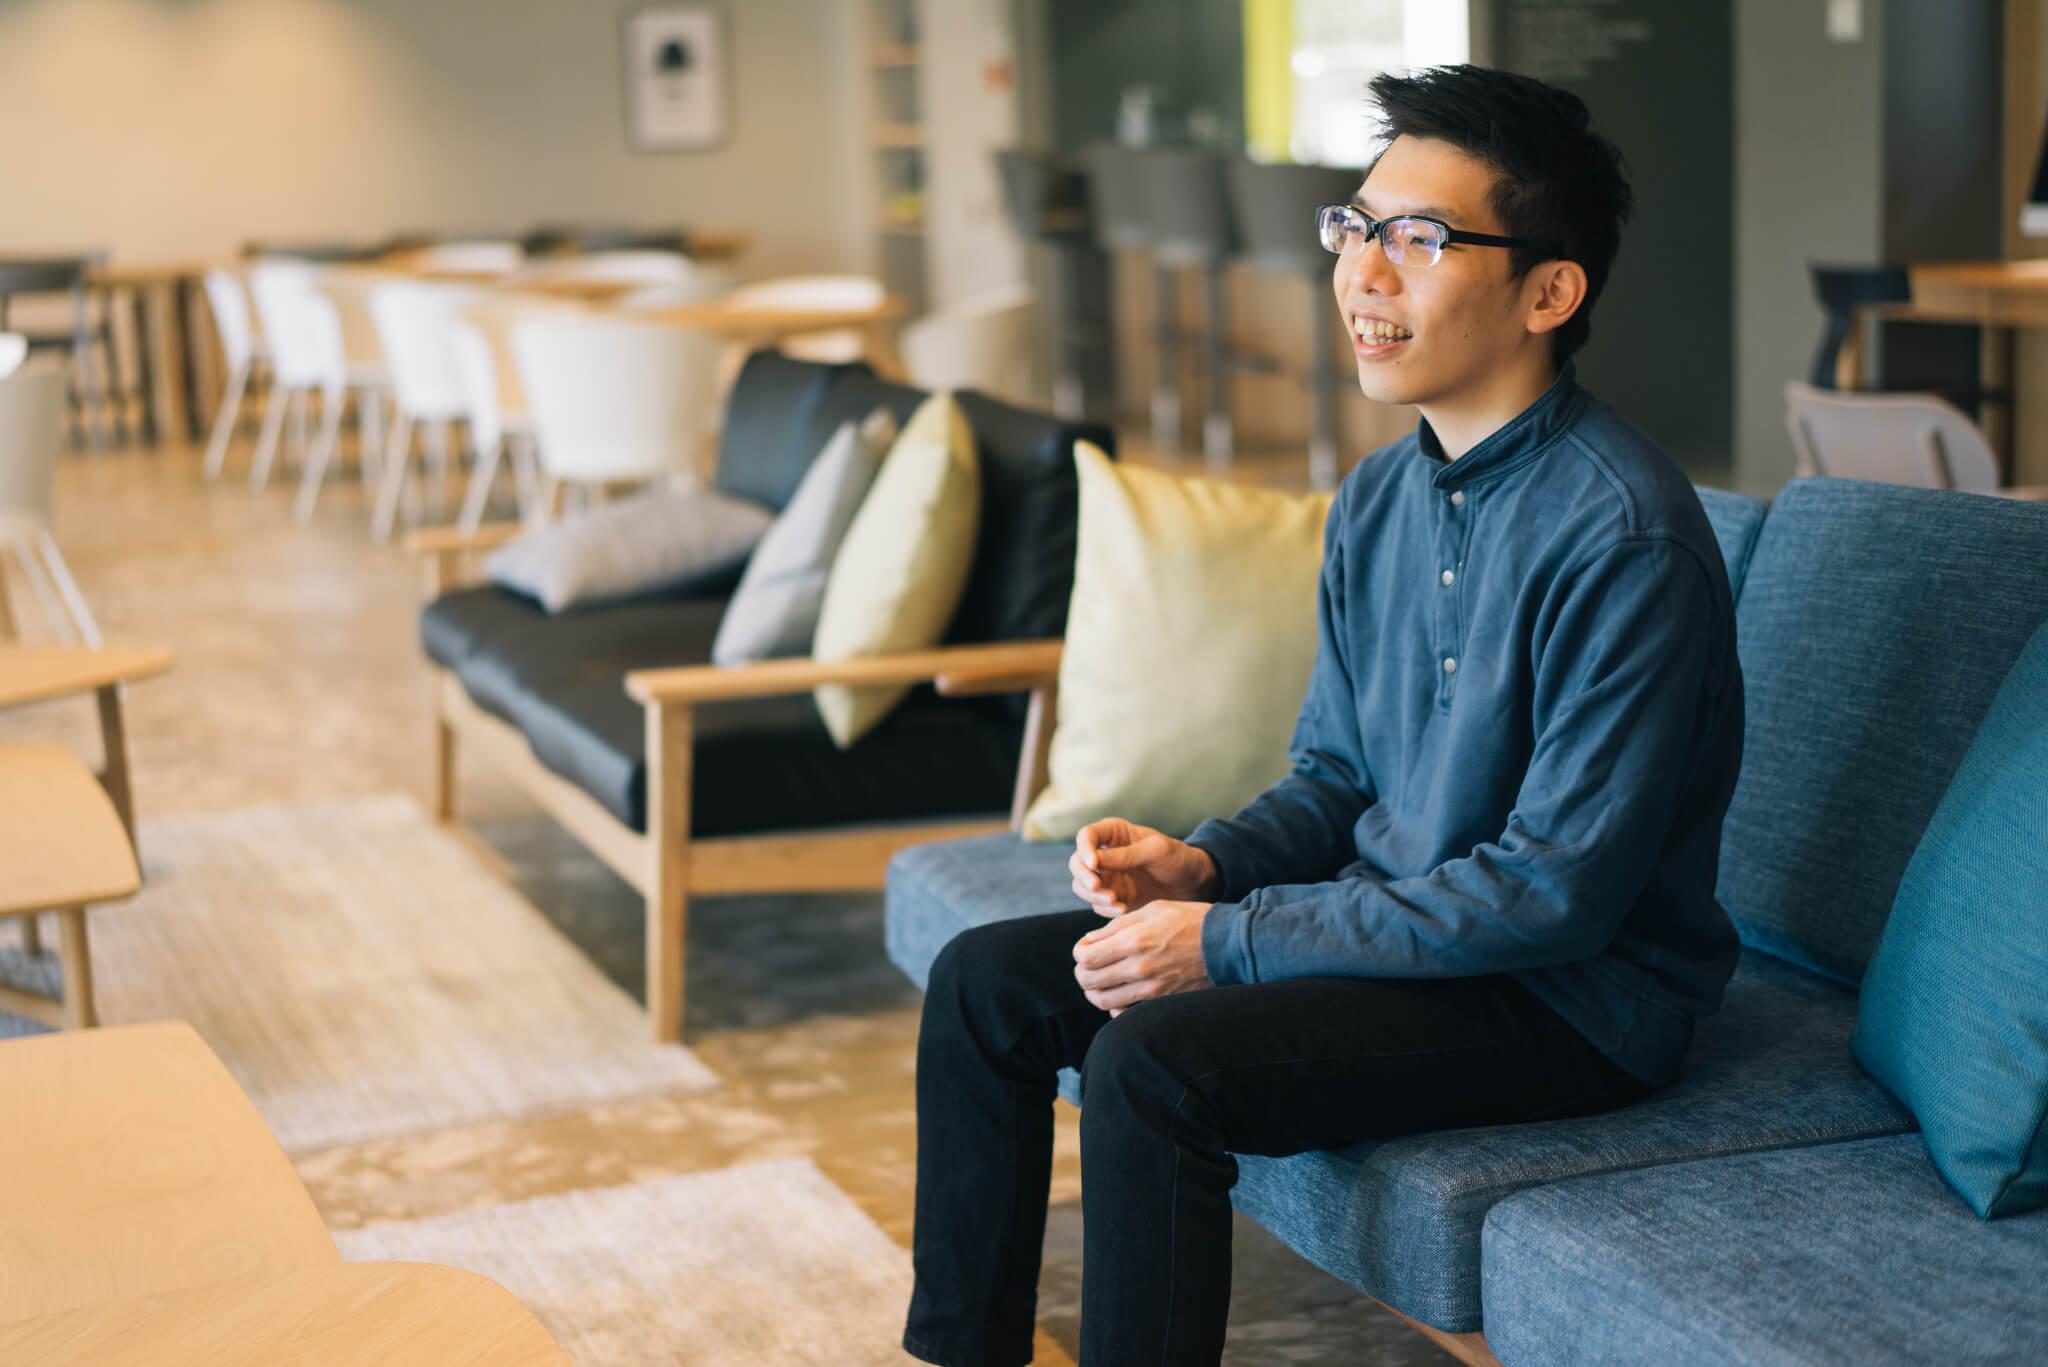 お話を聞かせてくださったのは、11月からここでの生活をスタートした、中田一成さん。